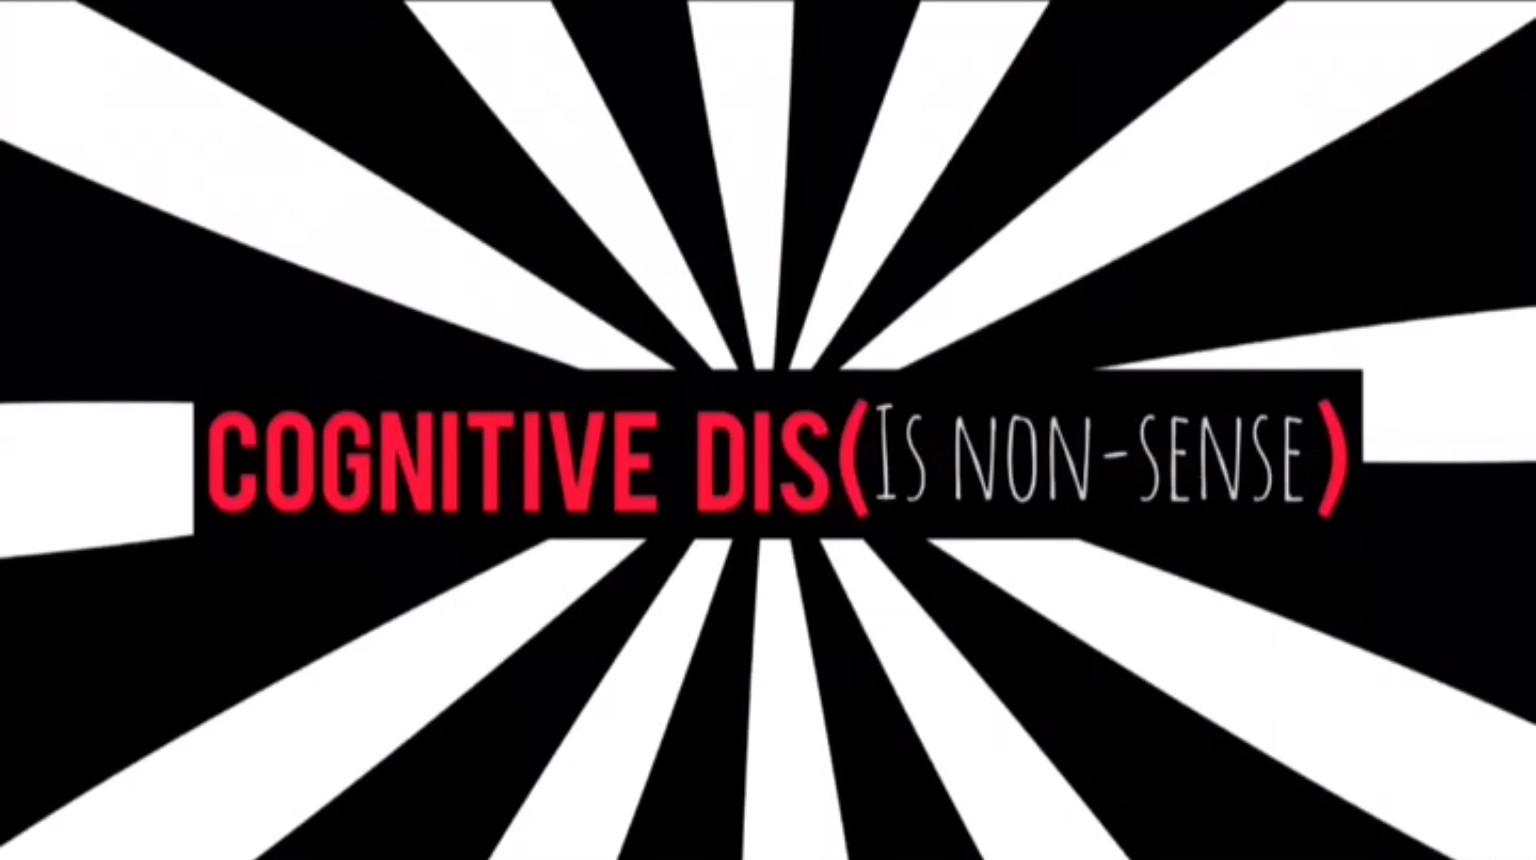 Cognitive Dis Is Non-Sense.